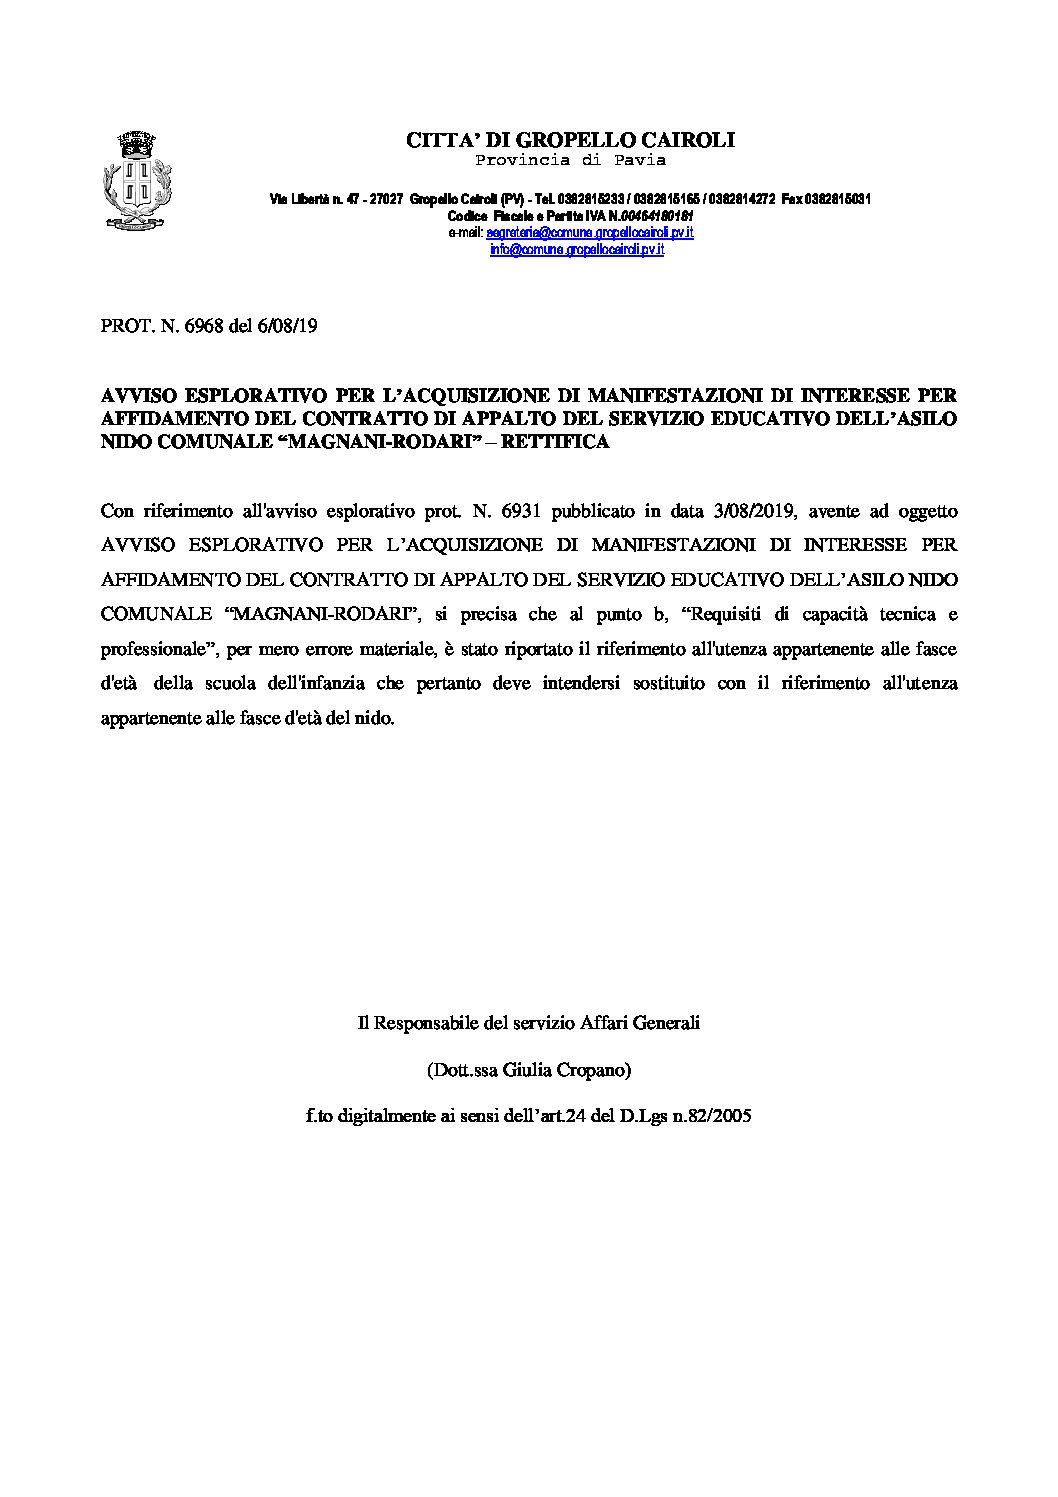 """Avviso esplorativo per l'acquisizione di manifestazioni di interesse per affidamento del contratto di appalto del servizio educativo dell'asilo nido comunale """"Magnani-Rodari"""" – RETTIFICA"""